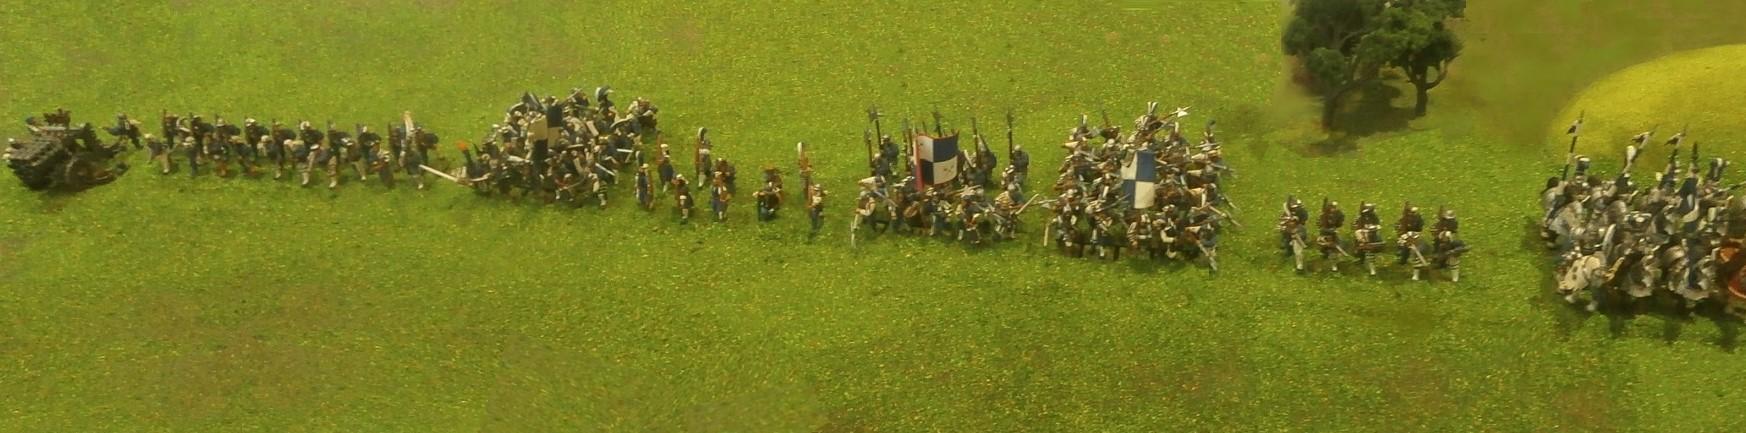 Part 24 Pic 15 Pav Army